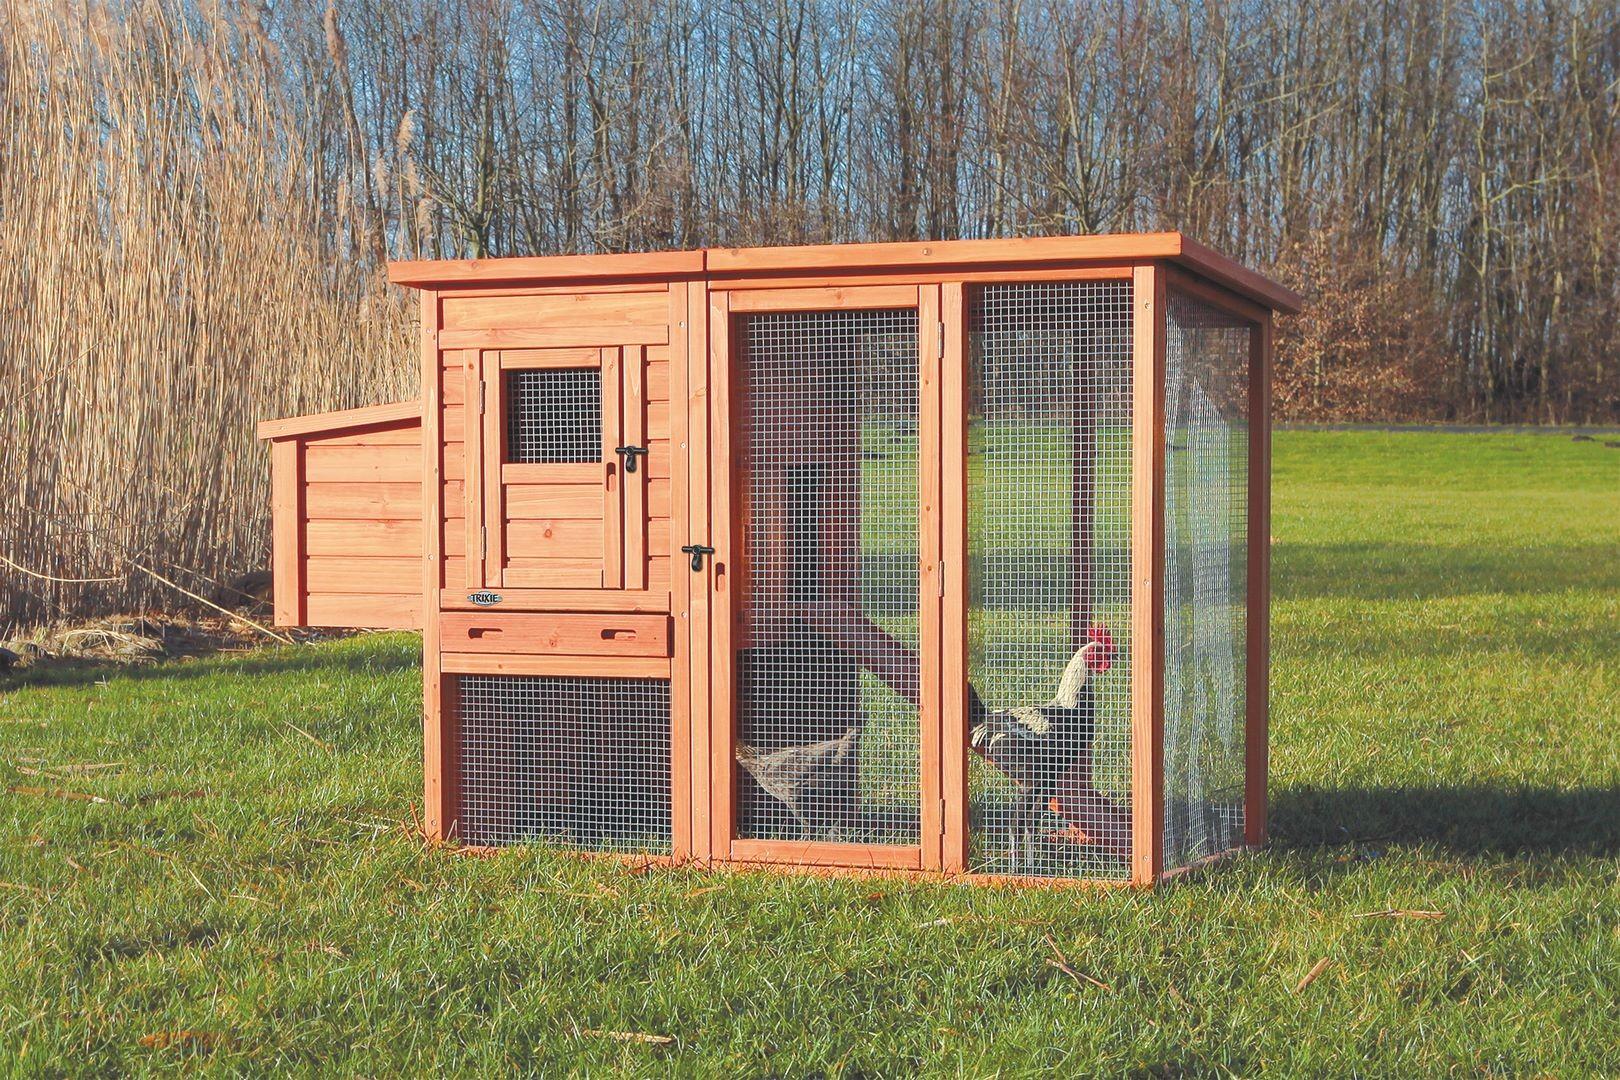 Poulailler avec cour extérieure en bois - 170 × 105 × 77 cm